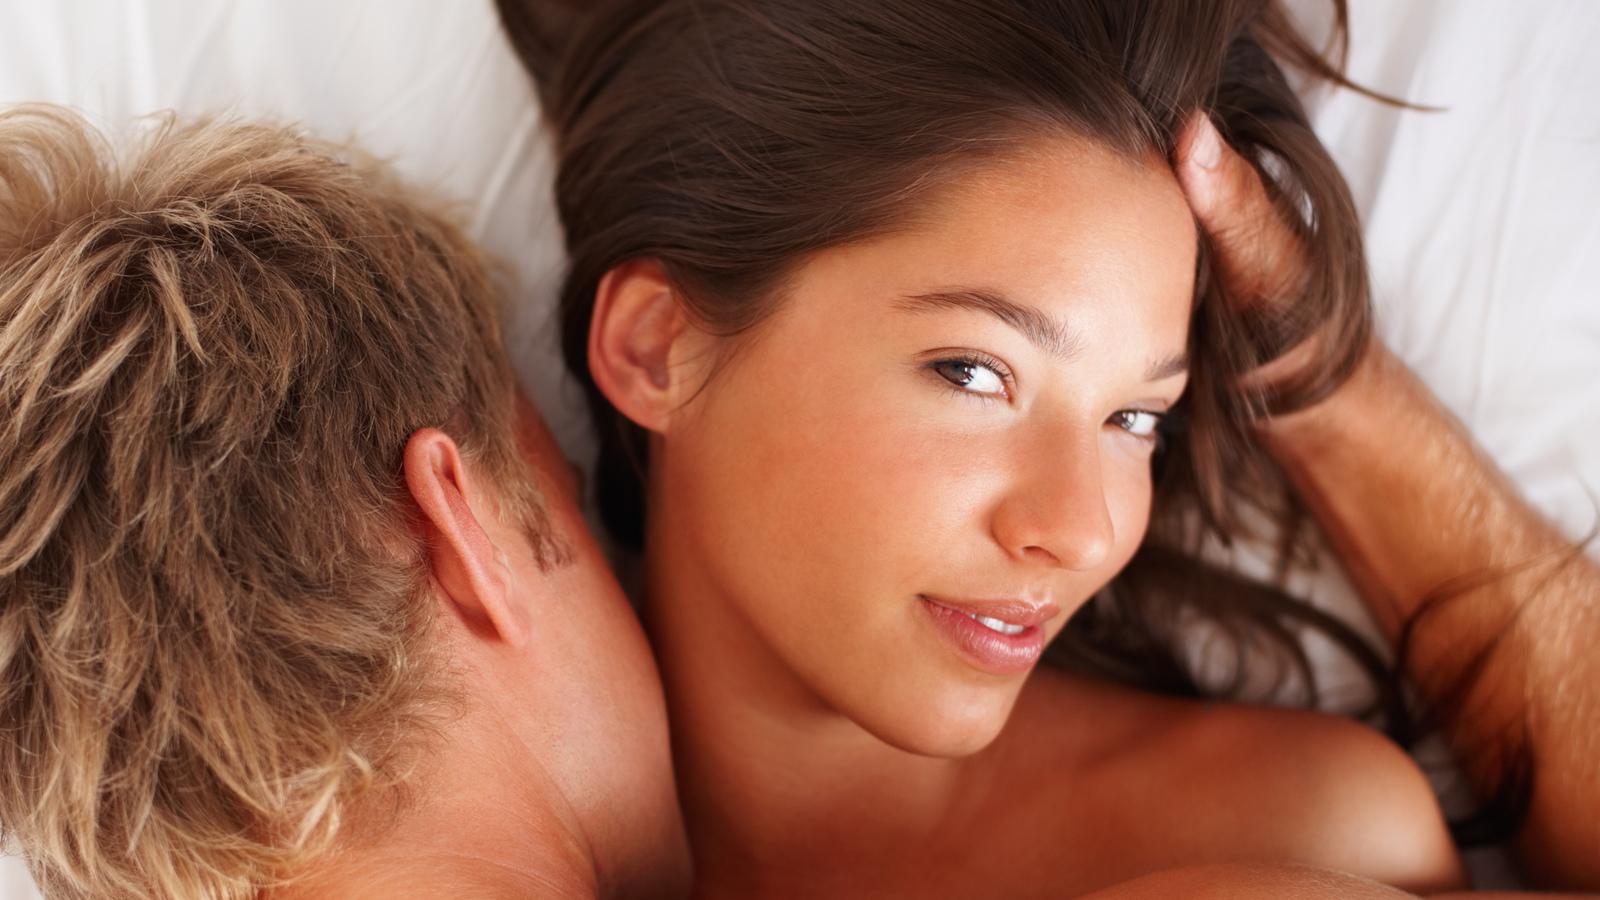 Беспорядочные интимные связи половых партнеров  297691